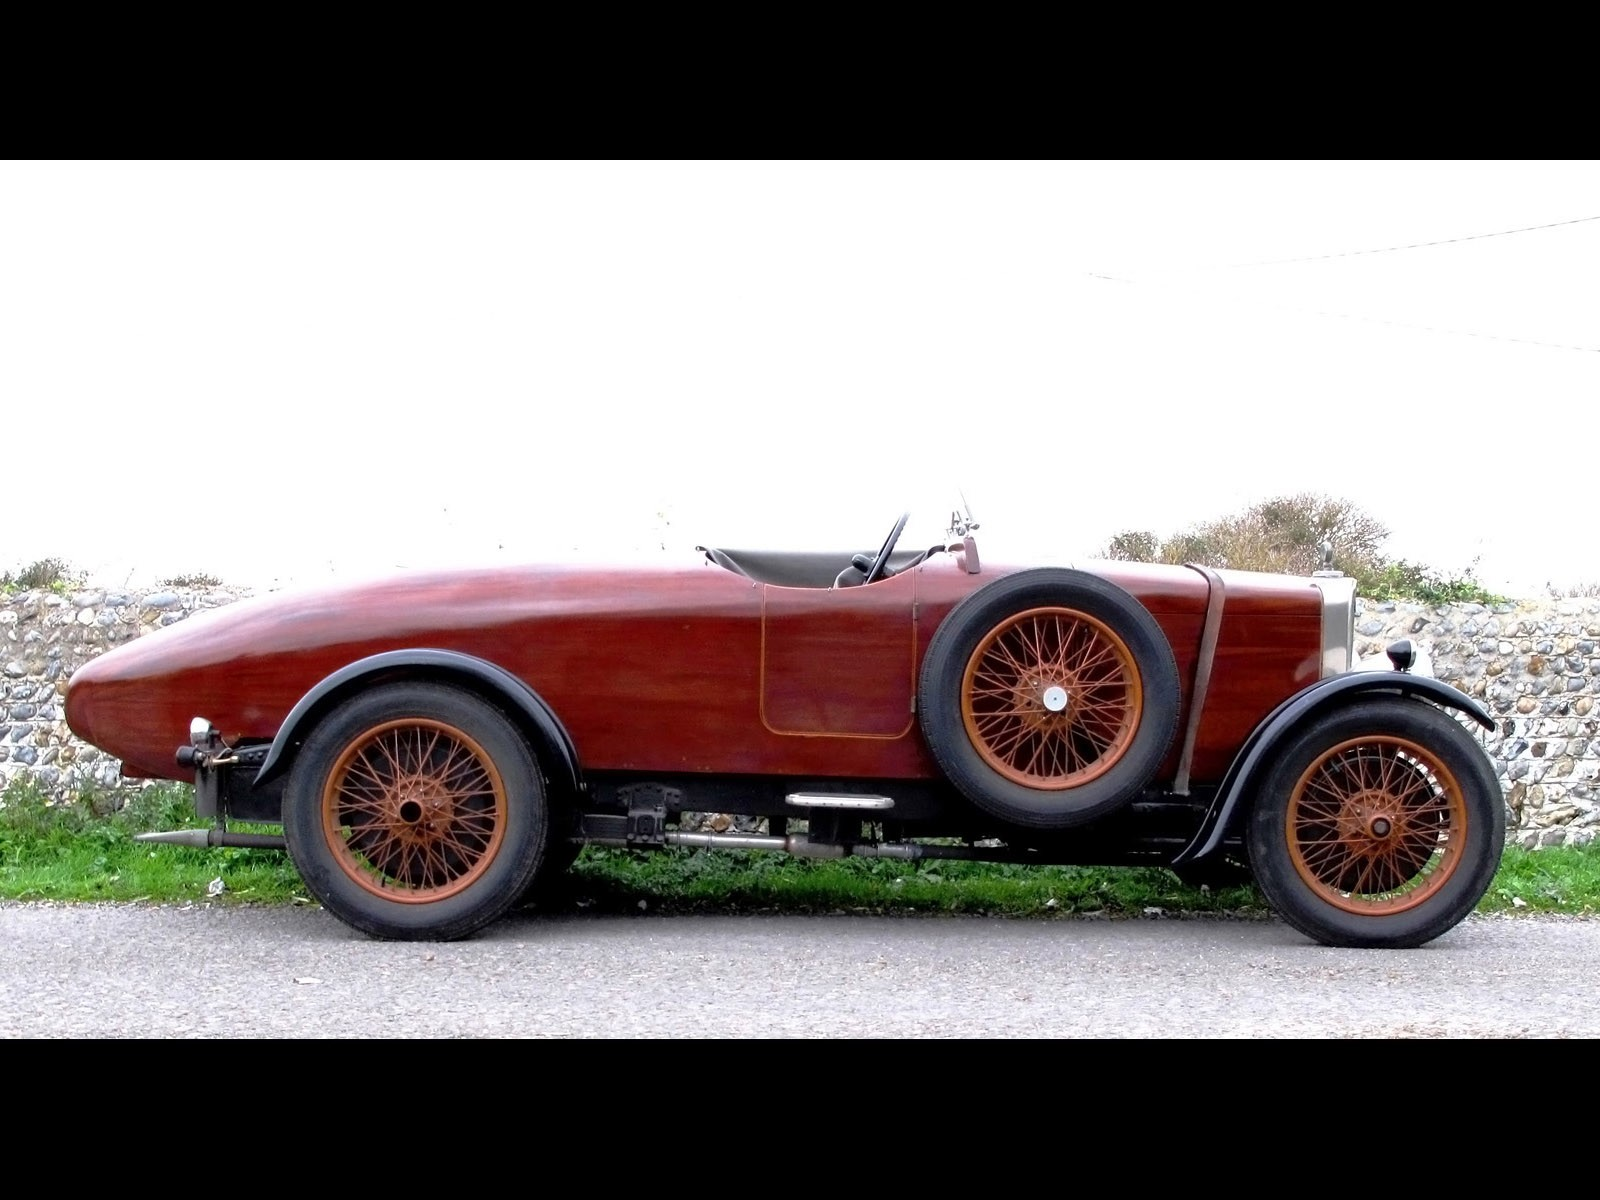 1932 Talbot 14-65 Boat Tail Tourer